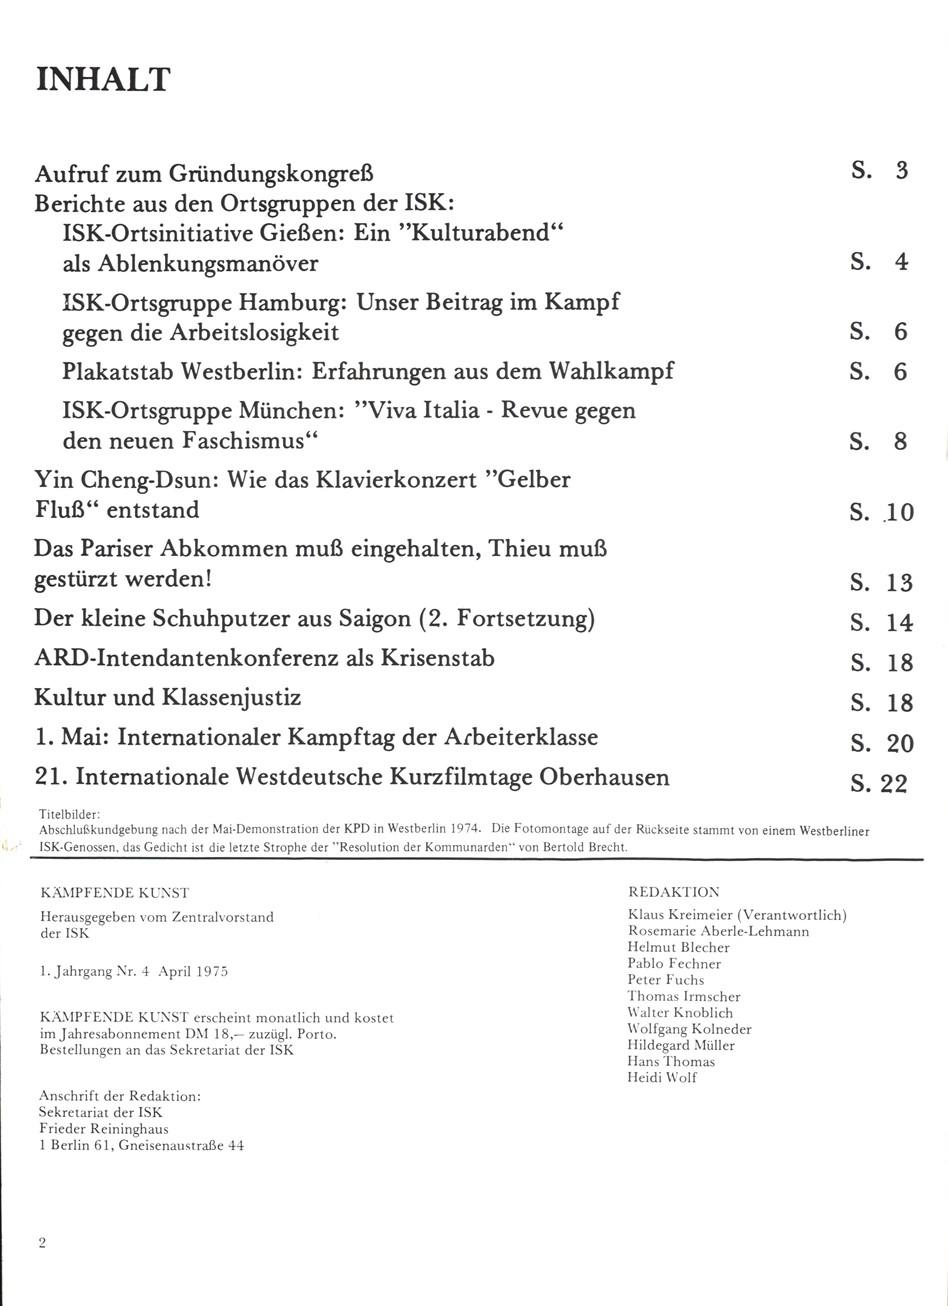 VSK_Kaempfende_Kunst_19750400_02